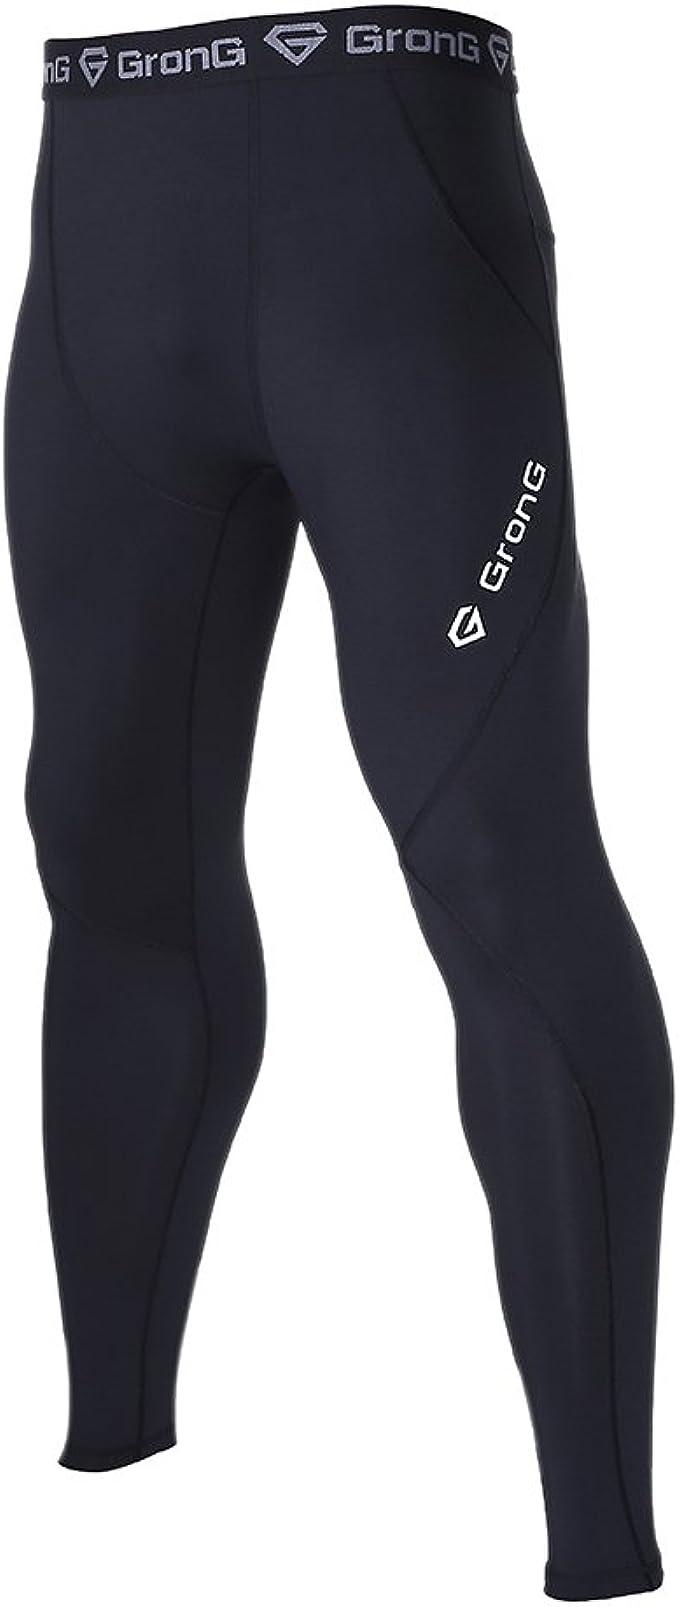 (グロング) GronG スポーツタイツ メンズ ロング レギンス UVカット UPF50+ コンプレッションウェア アンダーウェア オールシーズン